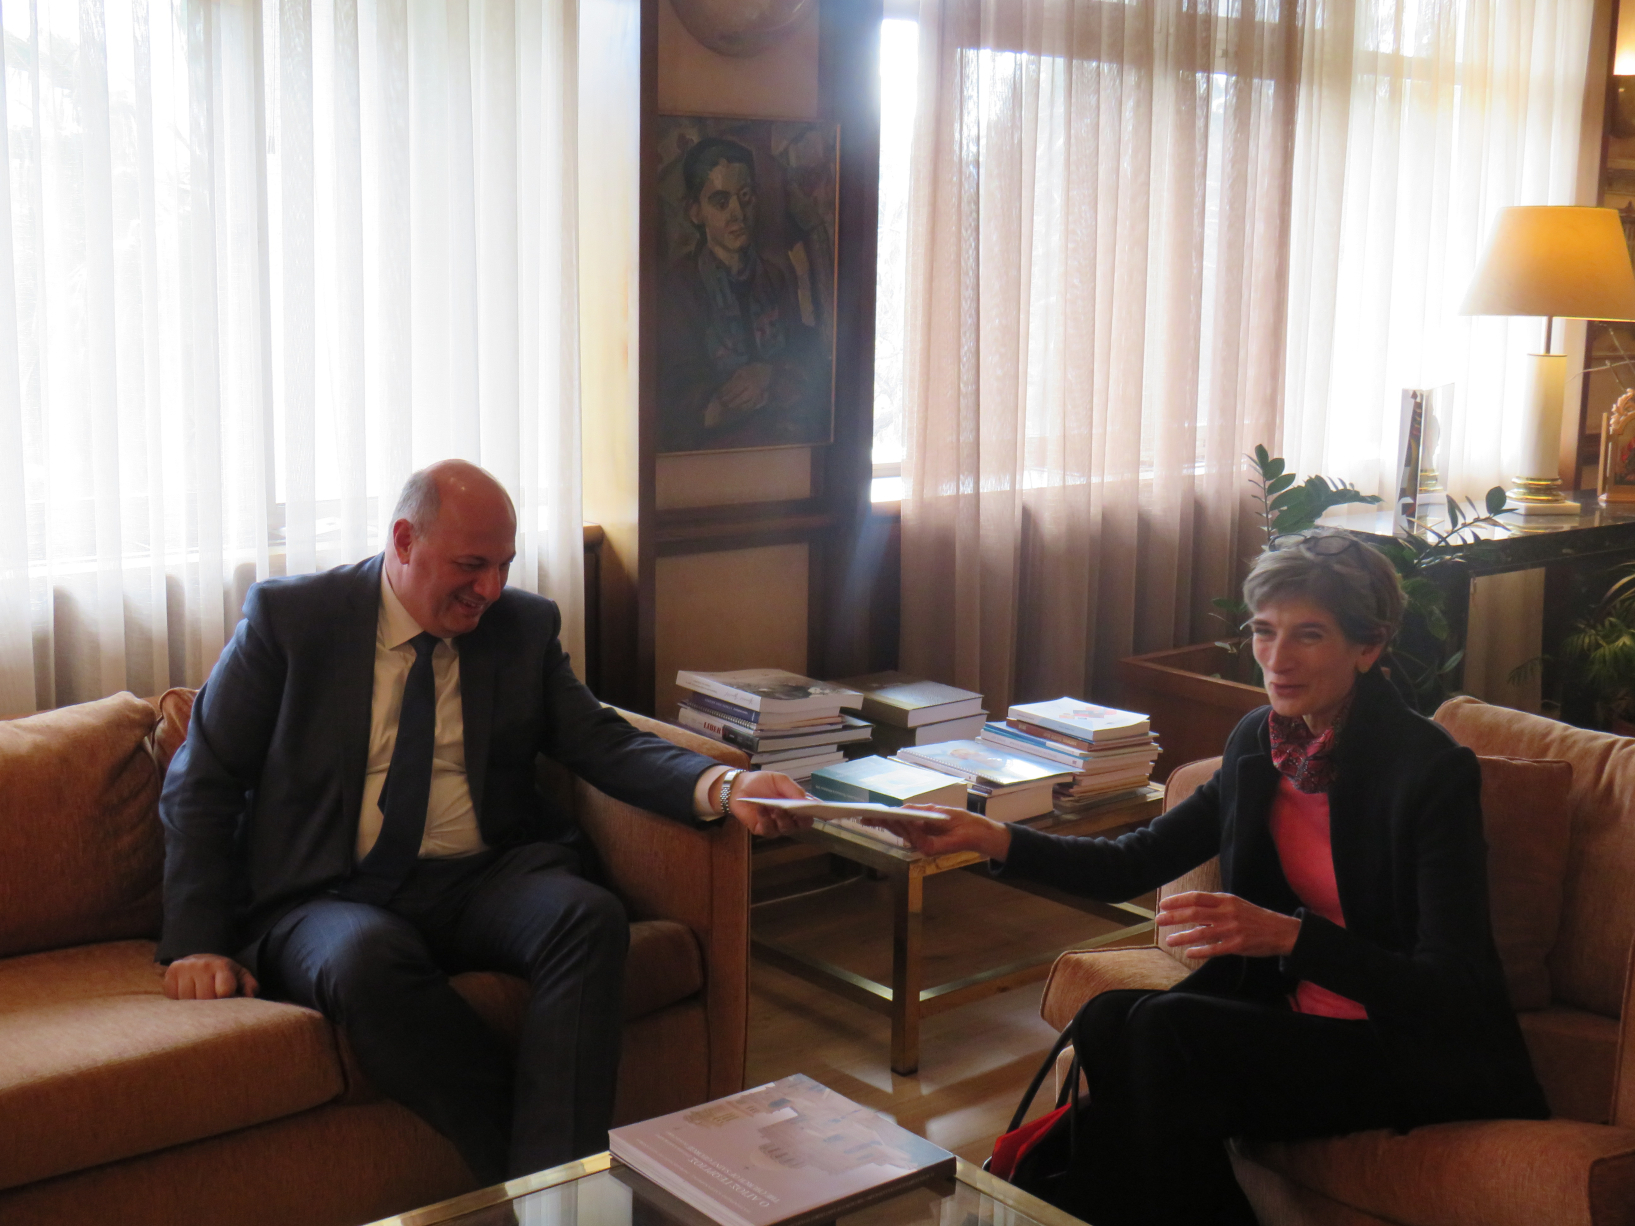 Εθιμοτυπική συνάντηση του Υπουργού Δικαιοσύνης Κώστα Τσιάρα με τη Βρετανίδα Πρέσβη στην Αθήνα Kate Smith